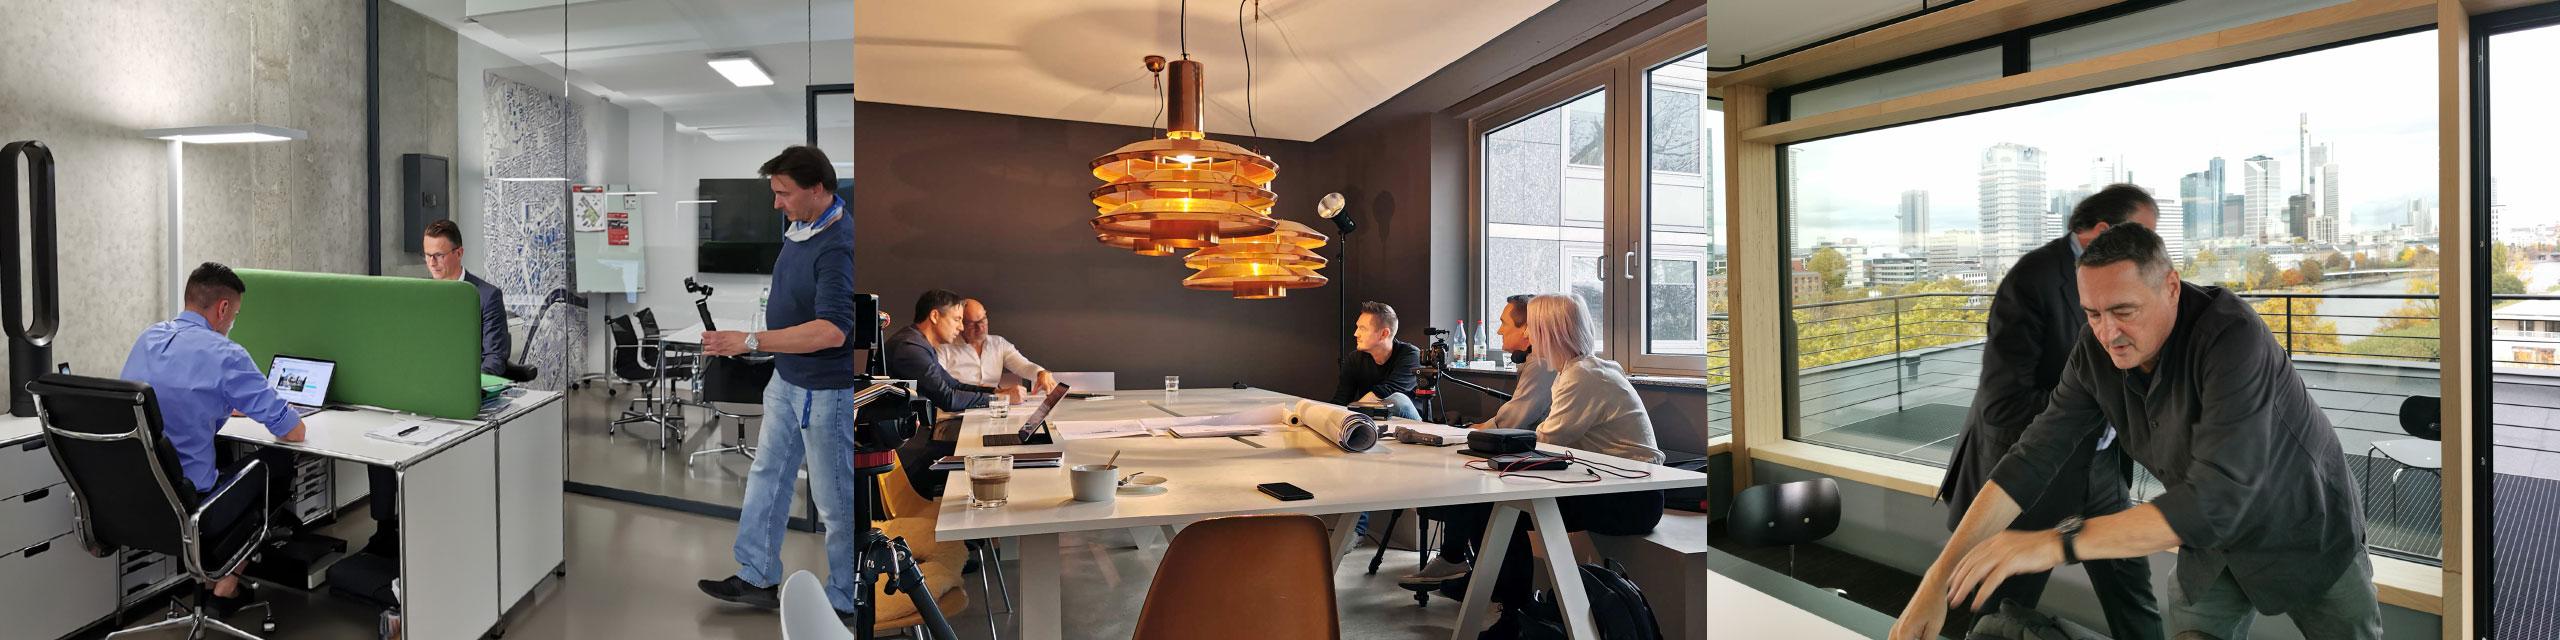 Video-Produktionen Frankfurt am Main für die Themen Immobilien, Architektur und Bauen - Videoschnitt - Videos erstellen - Videos produzieren